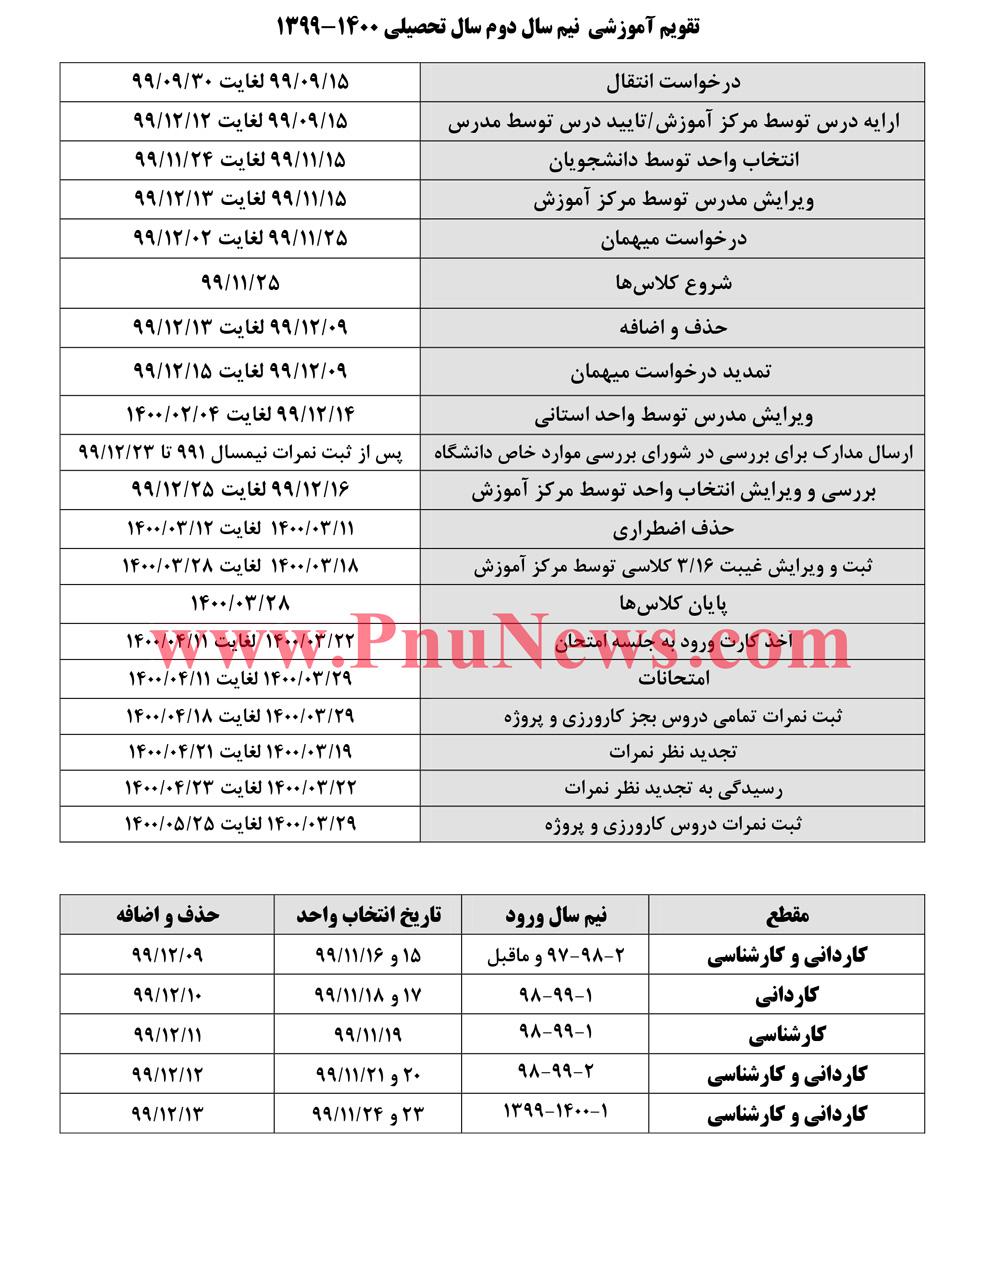 تقویم-آموزشی-ترم-بهمن-99-دانشگاه-علمی-کاربردی